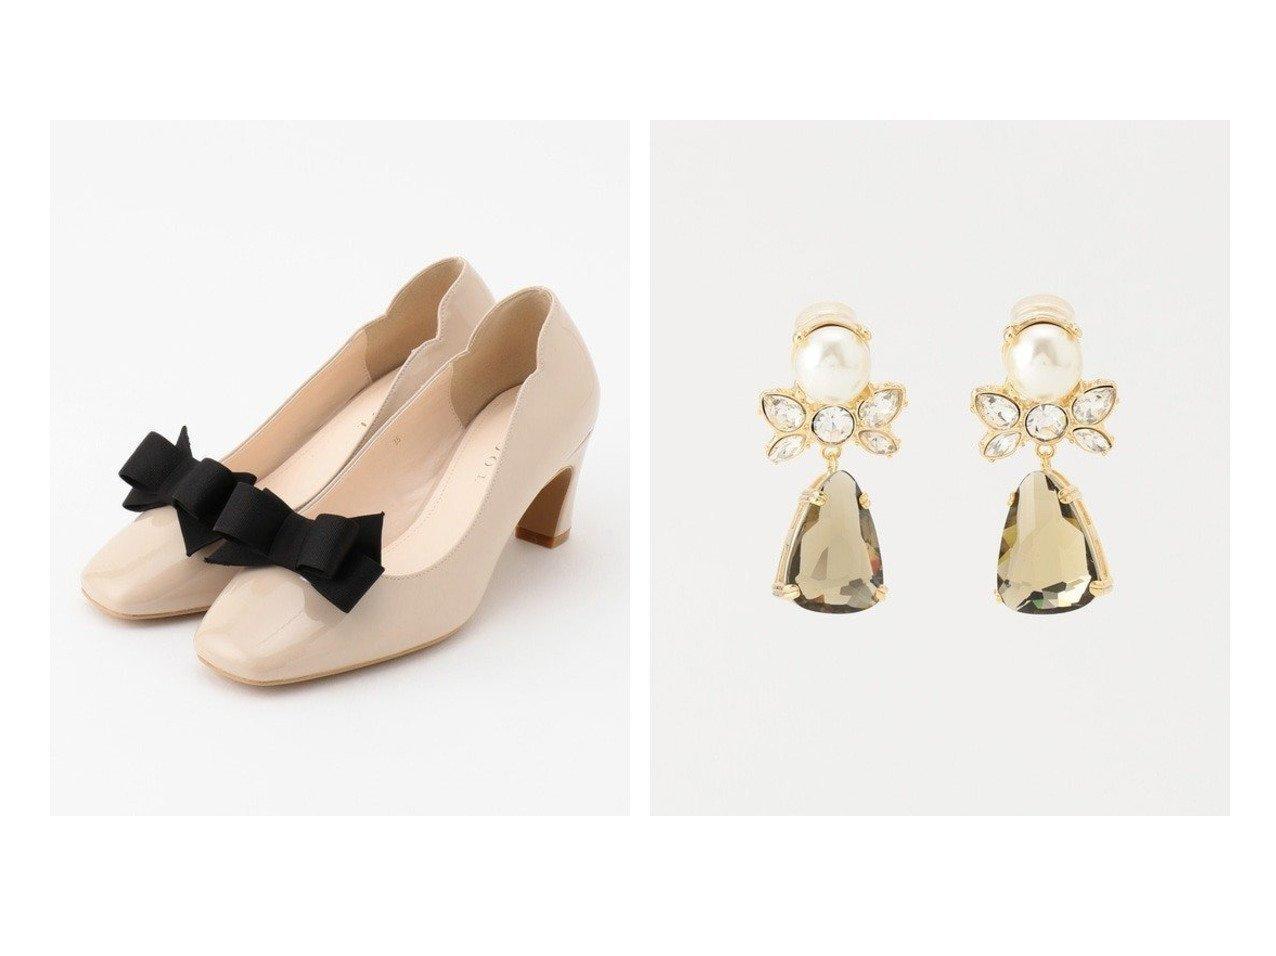 【TOCCA/トッカ】のDROPRIBBON EARRINGS イヤリング&CLIP RIBBON PUMPS パンプス TOCCAのおすすめ!人気、トレンド・レディースファッションの通販  おすすめで人気の流行・トレンド、ファッションの通販商品 メンズファッション・キッズファッション・インテリア・家具・レディースファッション・服の通販 founy(ファニー) https://founy.com/ ファッション Fashion レディースファッション WOMEN ジュエリー Jewelry リング Rings イヤリング Earrings 送料無料 Free Shipping 2021年 2021 2021 春夏 S/S SS Spring/Summer 2021 S/S 春夏 SS Spring/Summer エナメル エレガント クッション シンプル スエード フォルム モダン モチーフ リボン リュクス 人気 定番 Standard アンティーク イヤリング ストーン パール ロマンティック  ID:crp329100000017774